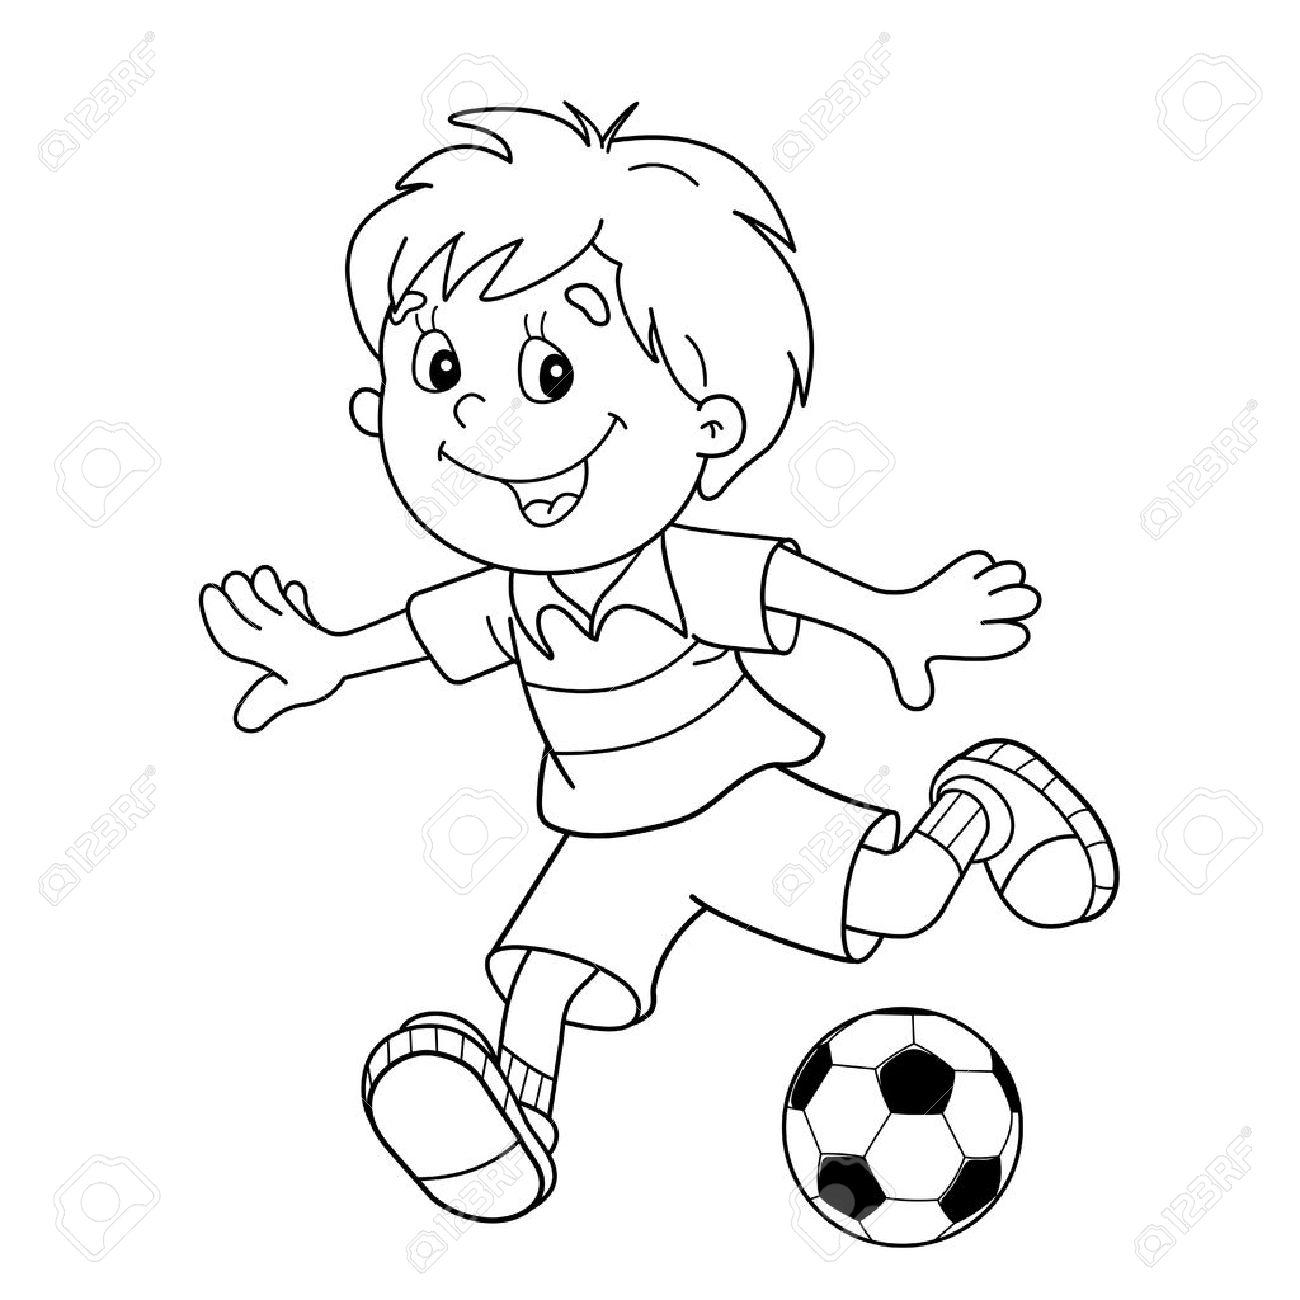 Página Para Colorear Esquema Del Niño De Dibujos Animados Con Un Balón De Fútbol Fútbol Libro De Colorear Para Niños